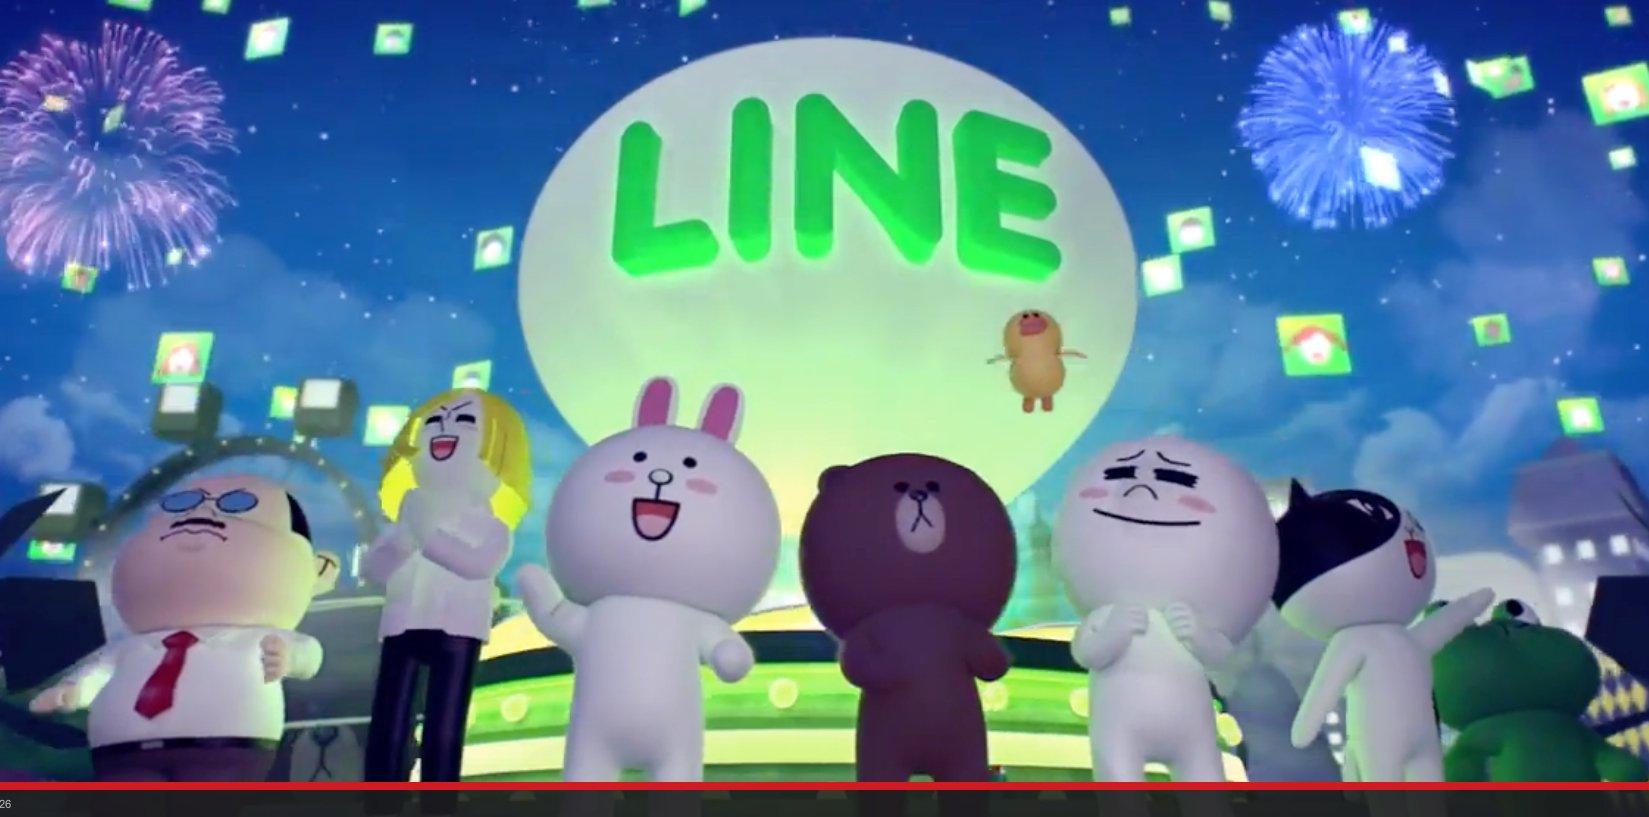 LINE: WhatsApp Konkurrent mit 300 Millionen Mitgliedern 8